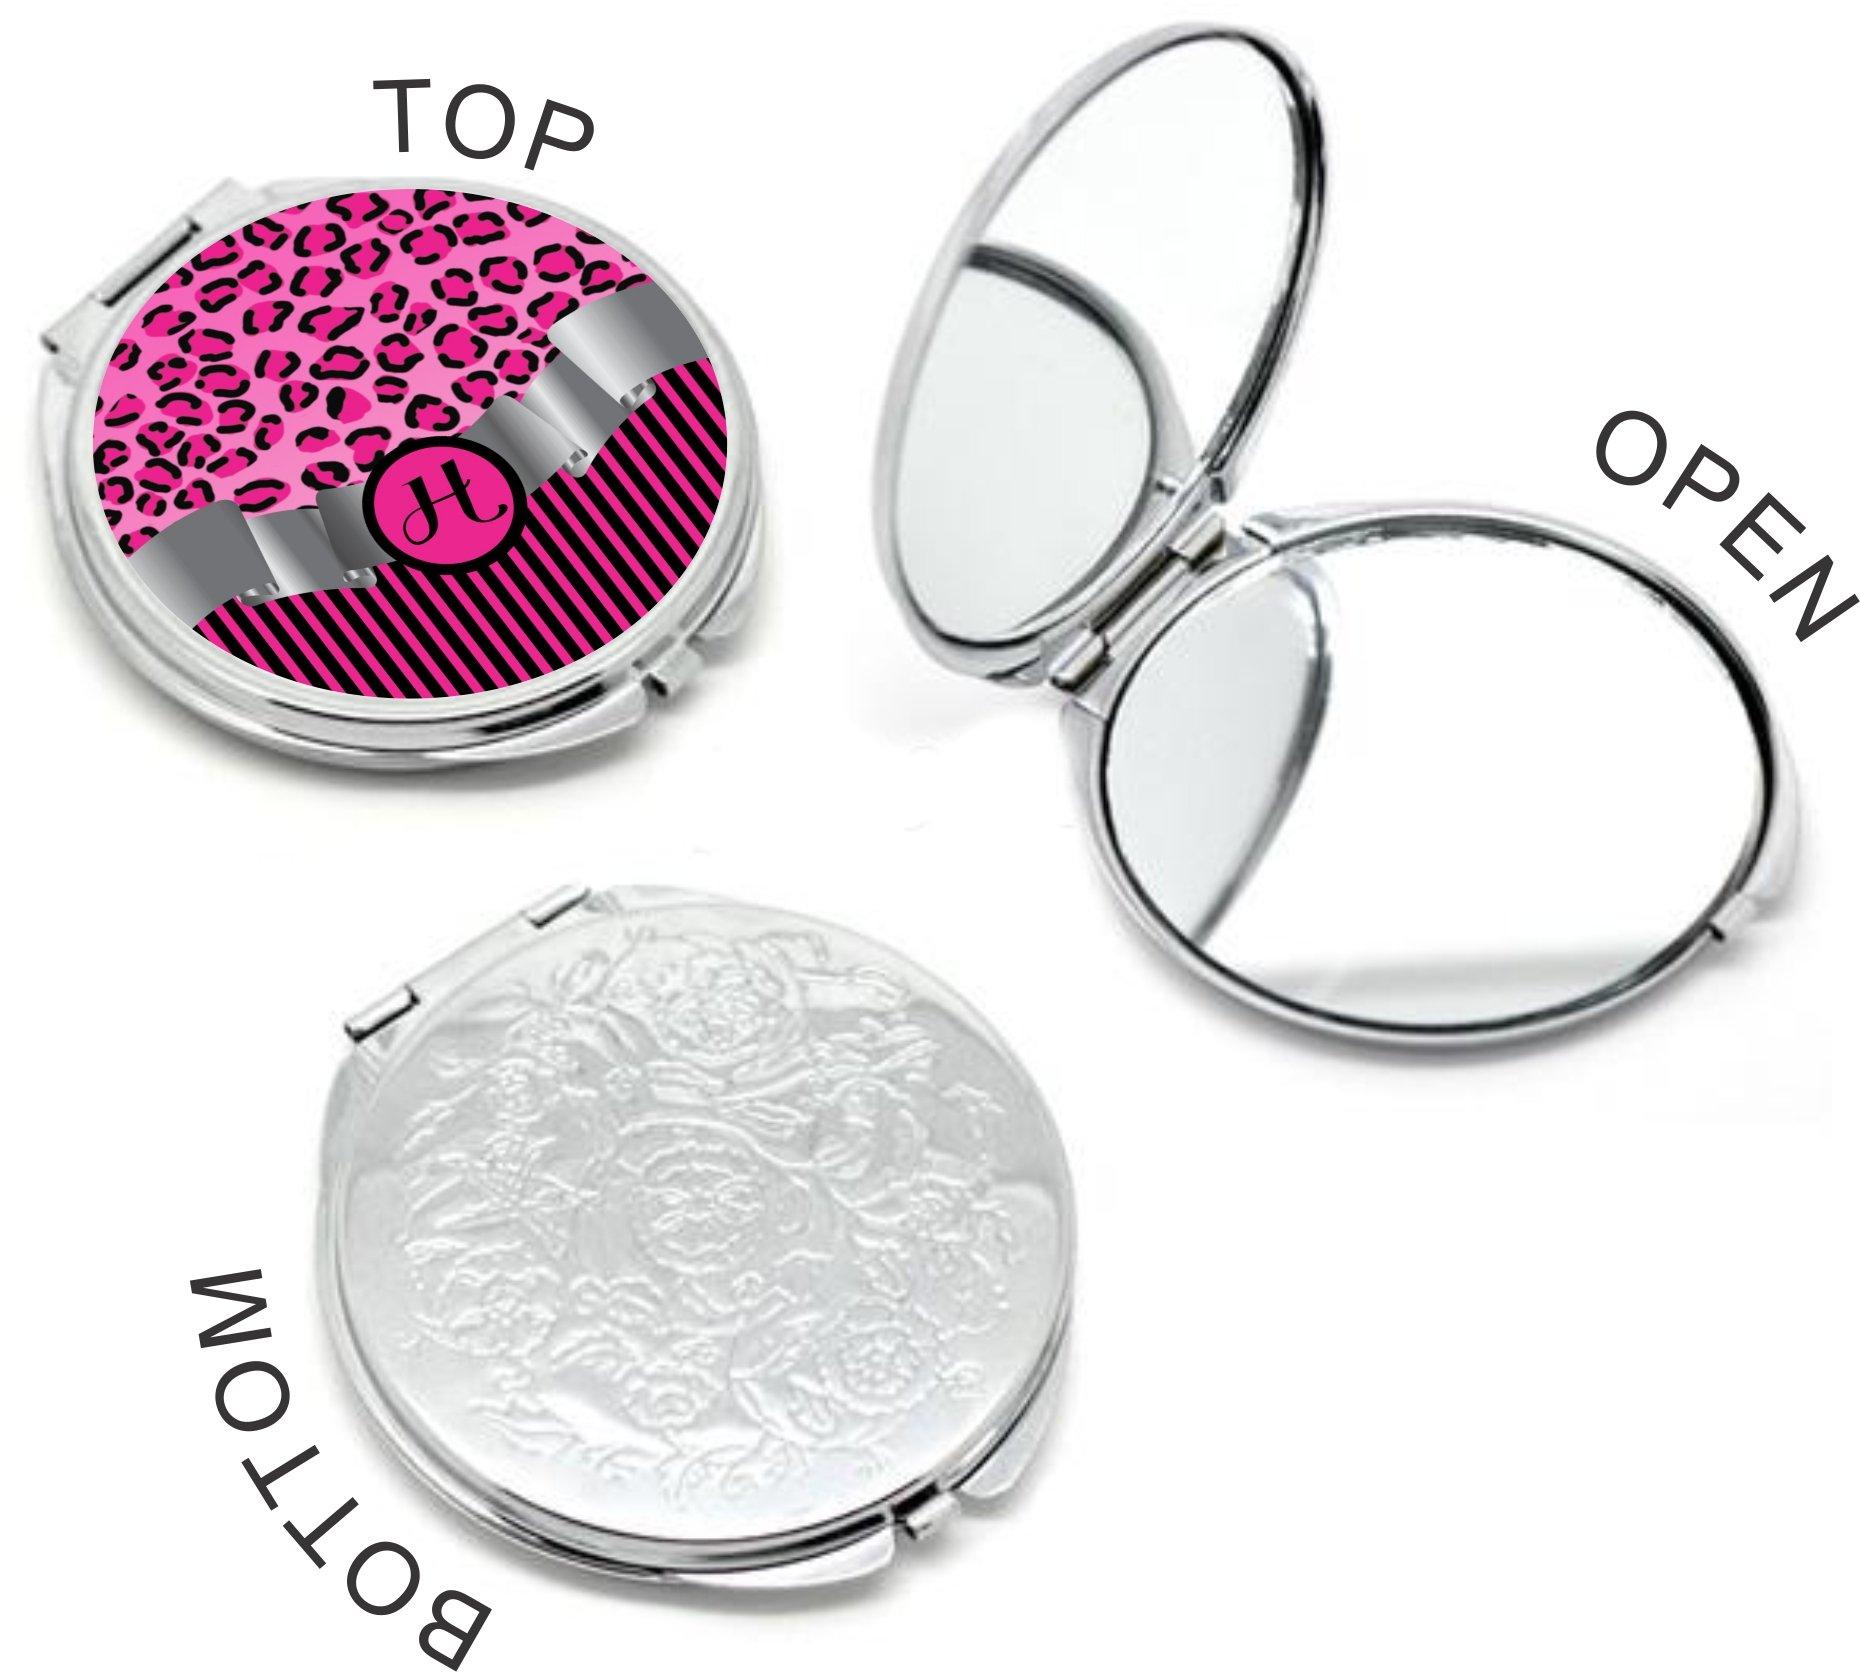 Rikki Knight Letter''H'' Hot Pink Leopard Print Stripes Monogram Design Round Compact Mirror